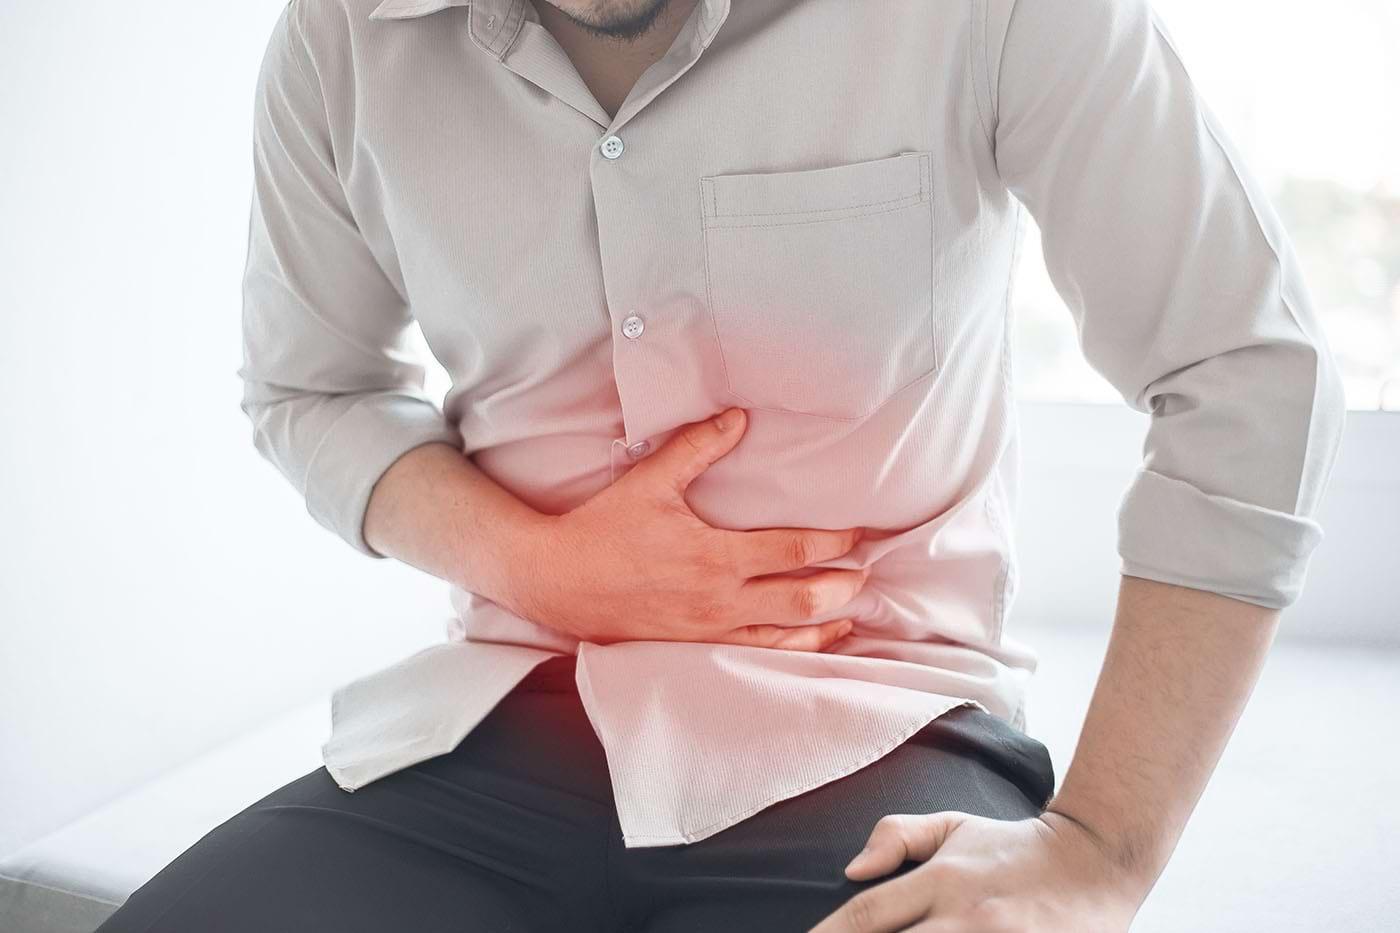 Boala inflamatorie intestinală, favorizată de alimentele ultra procesate